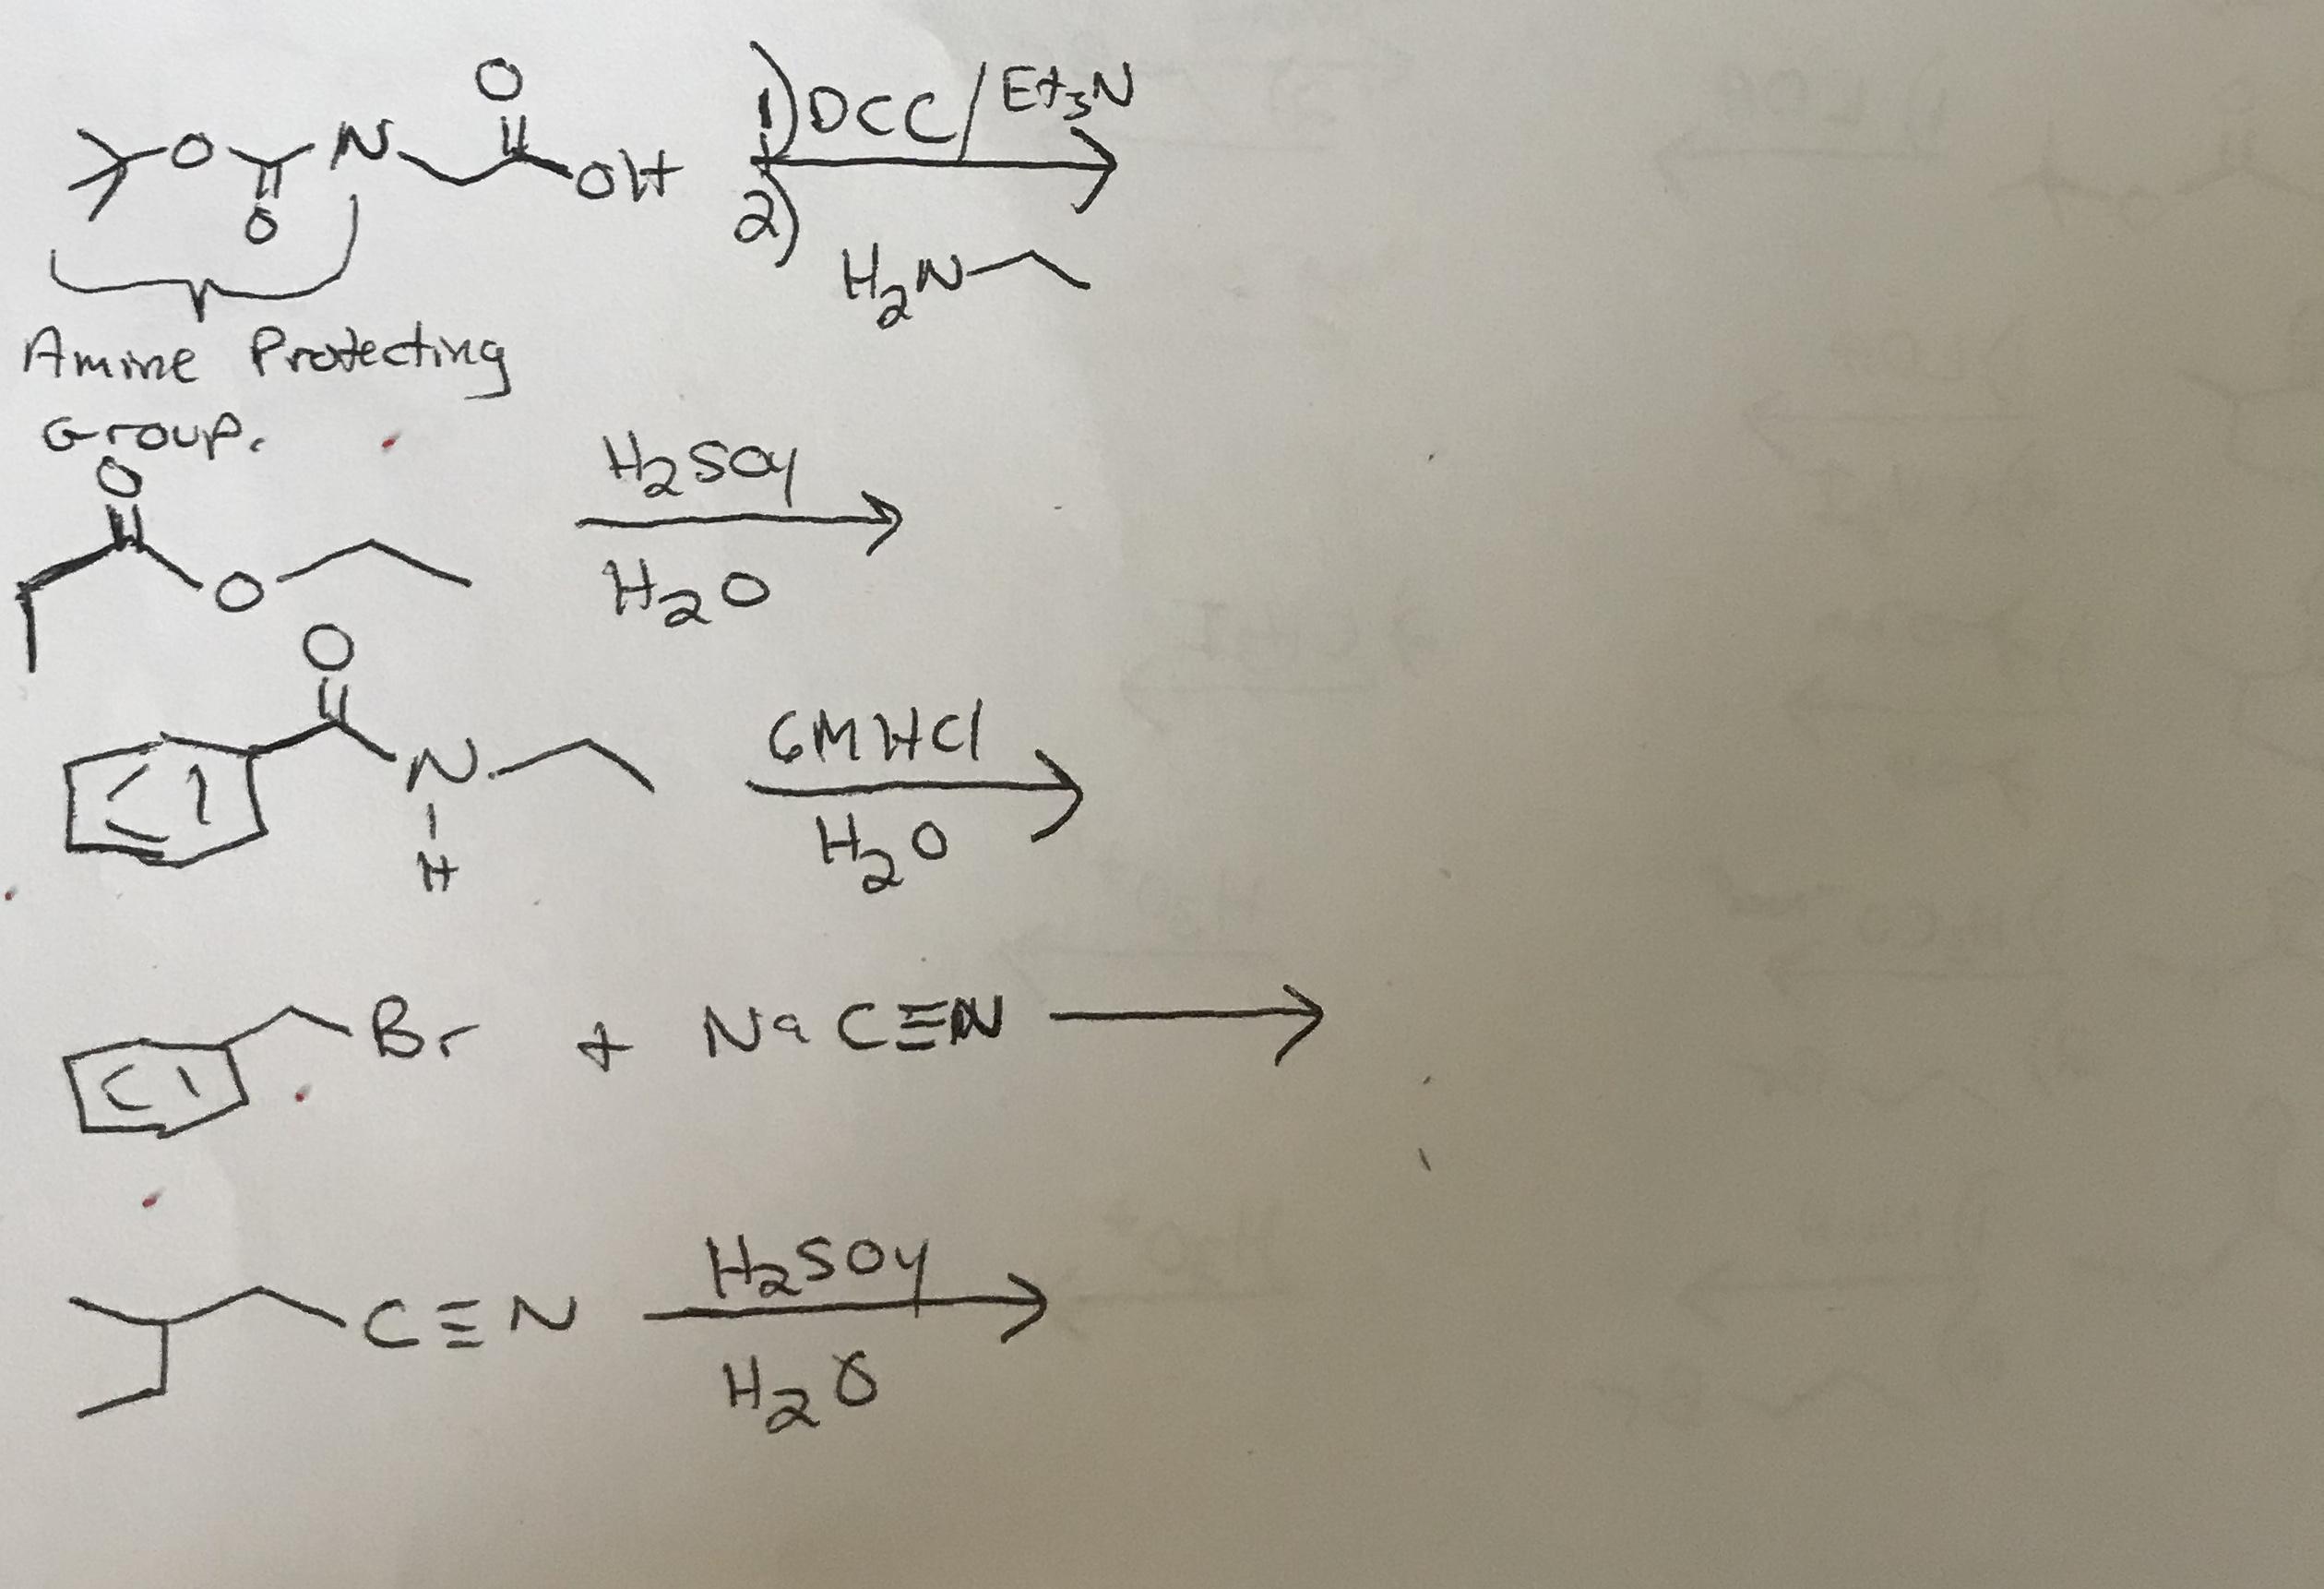 Dcc/EN ok Amme Prodechmg Group GMNCI Br Na CEN CEN hosH T 2-2